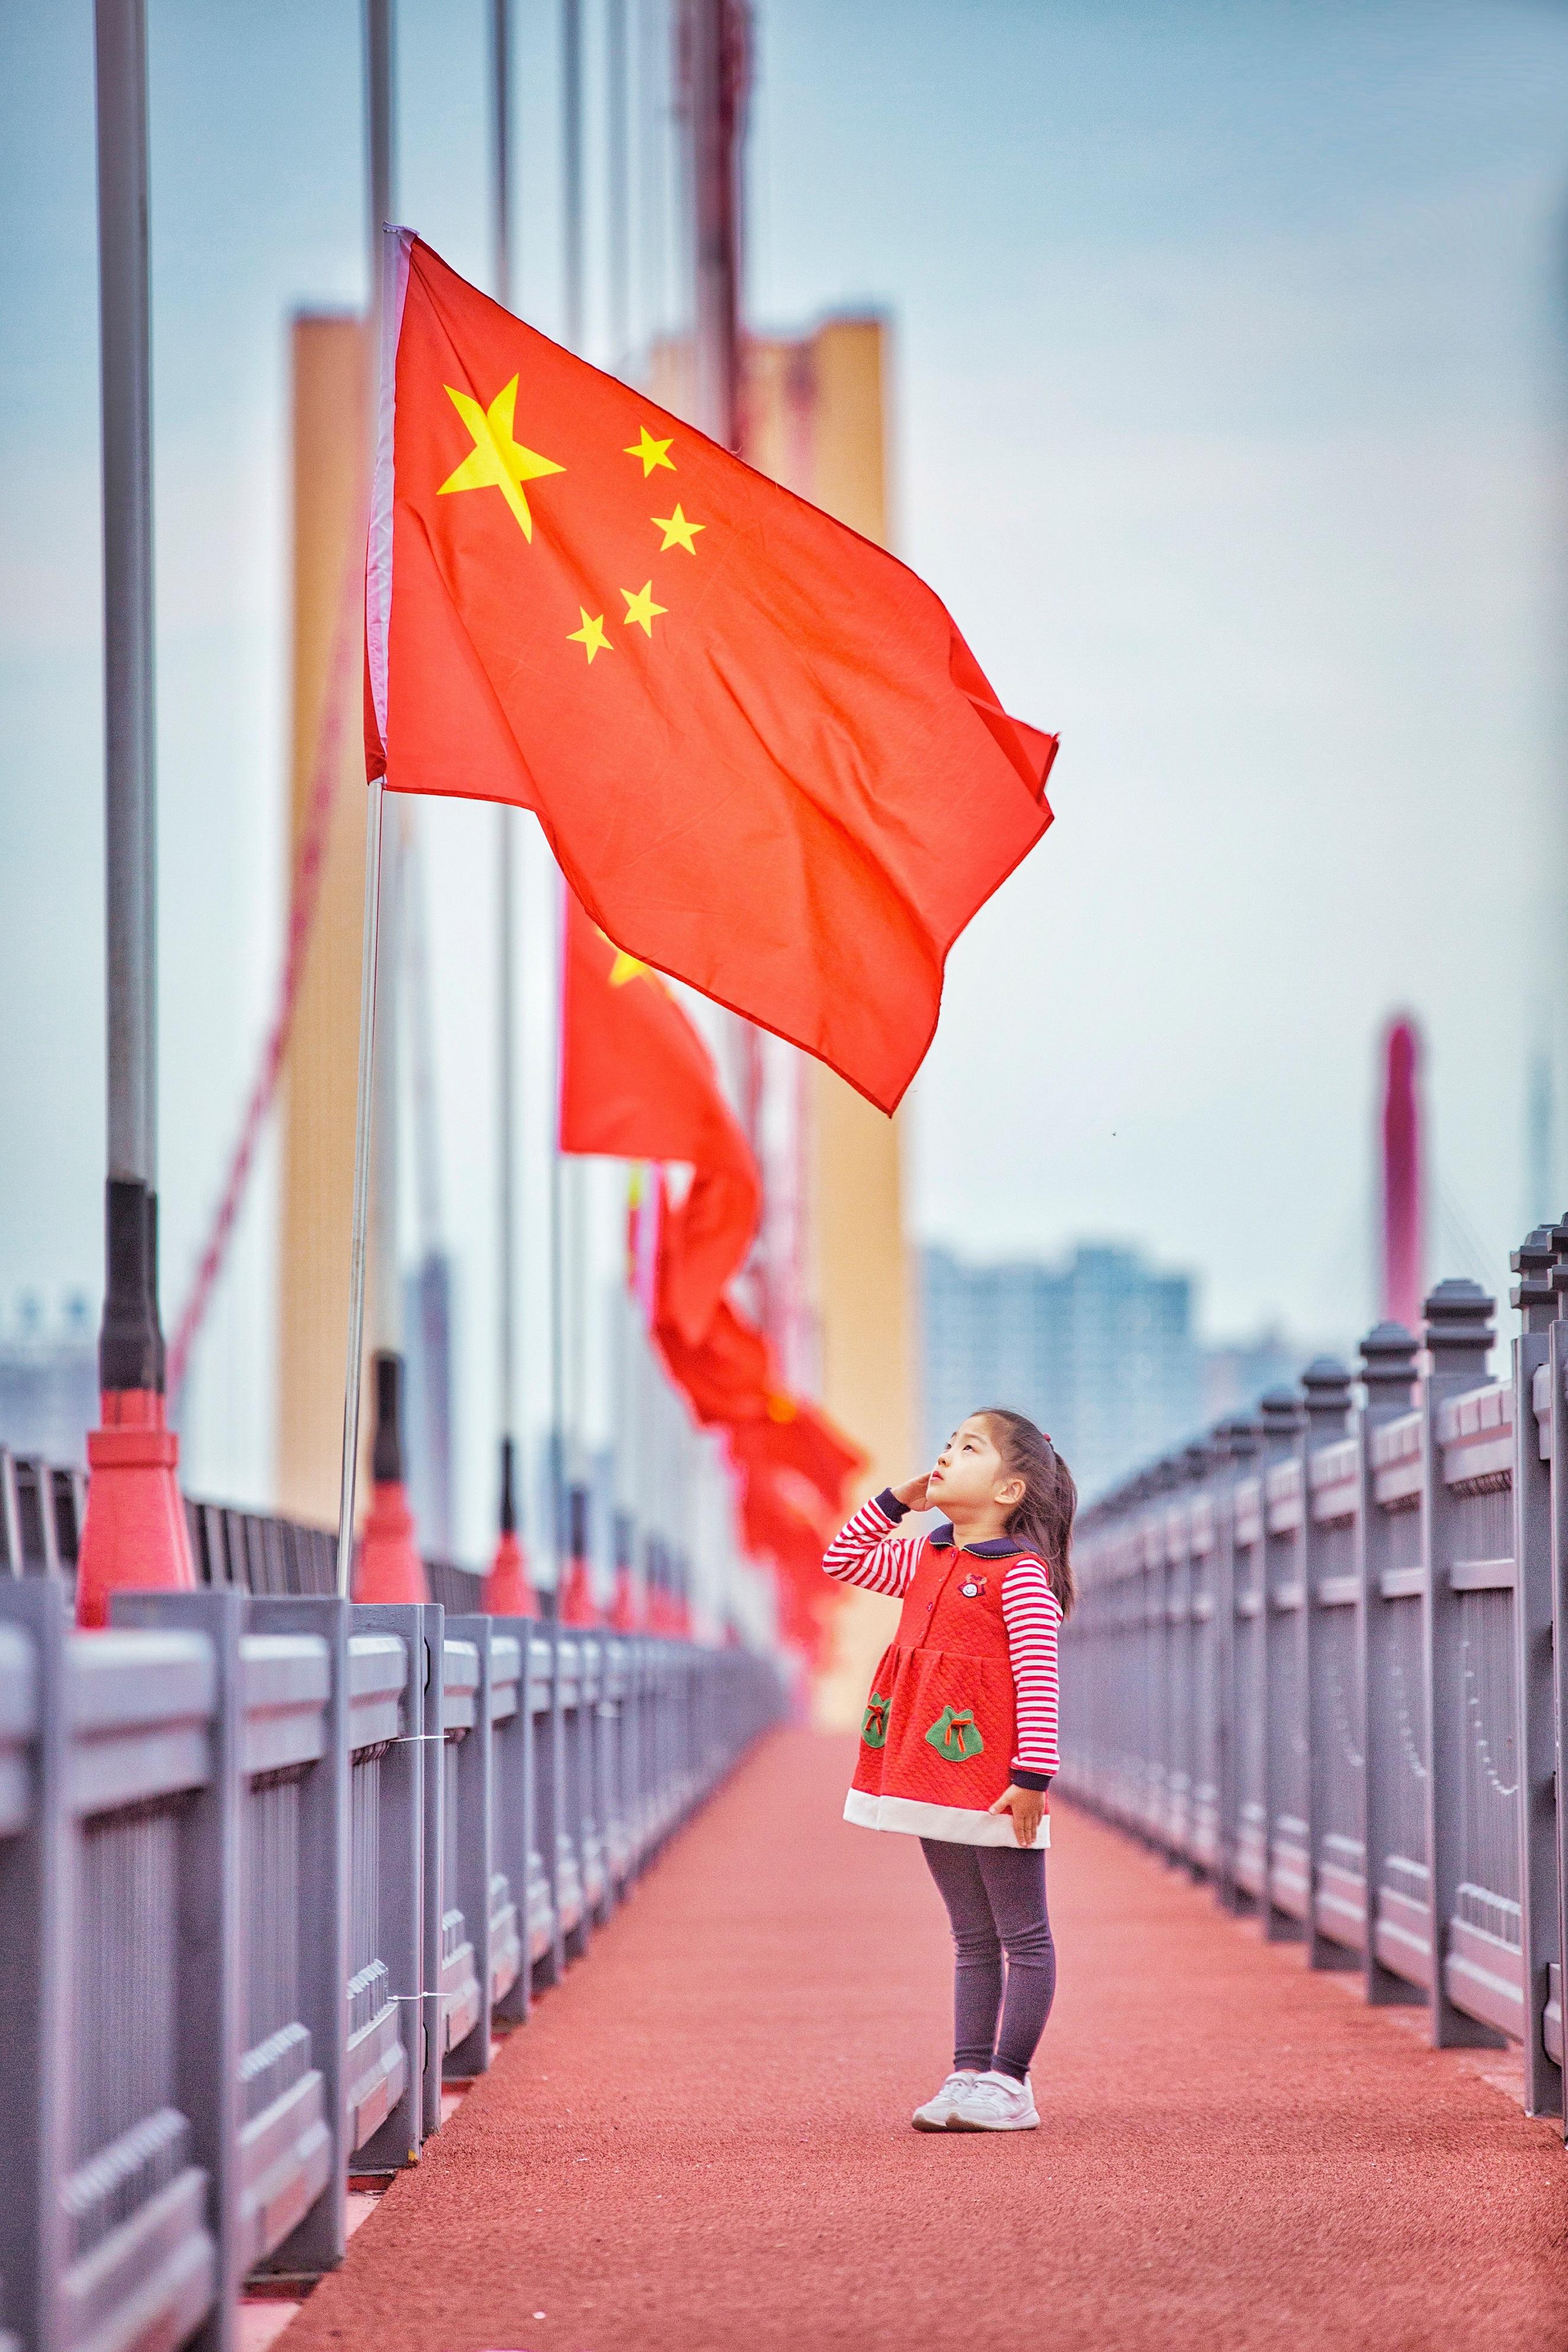 @三峡拍客 向五星红旗行礼的小姑娘